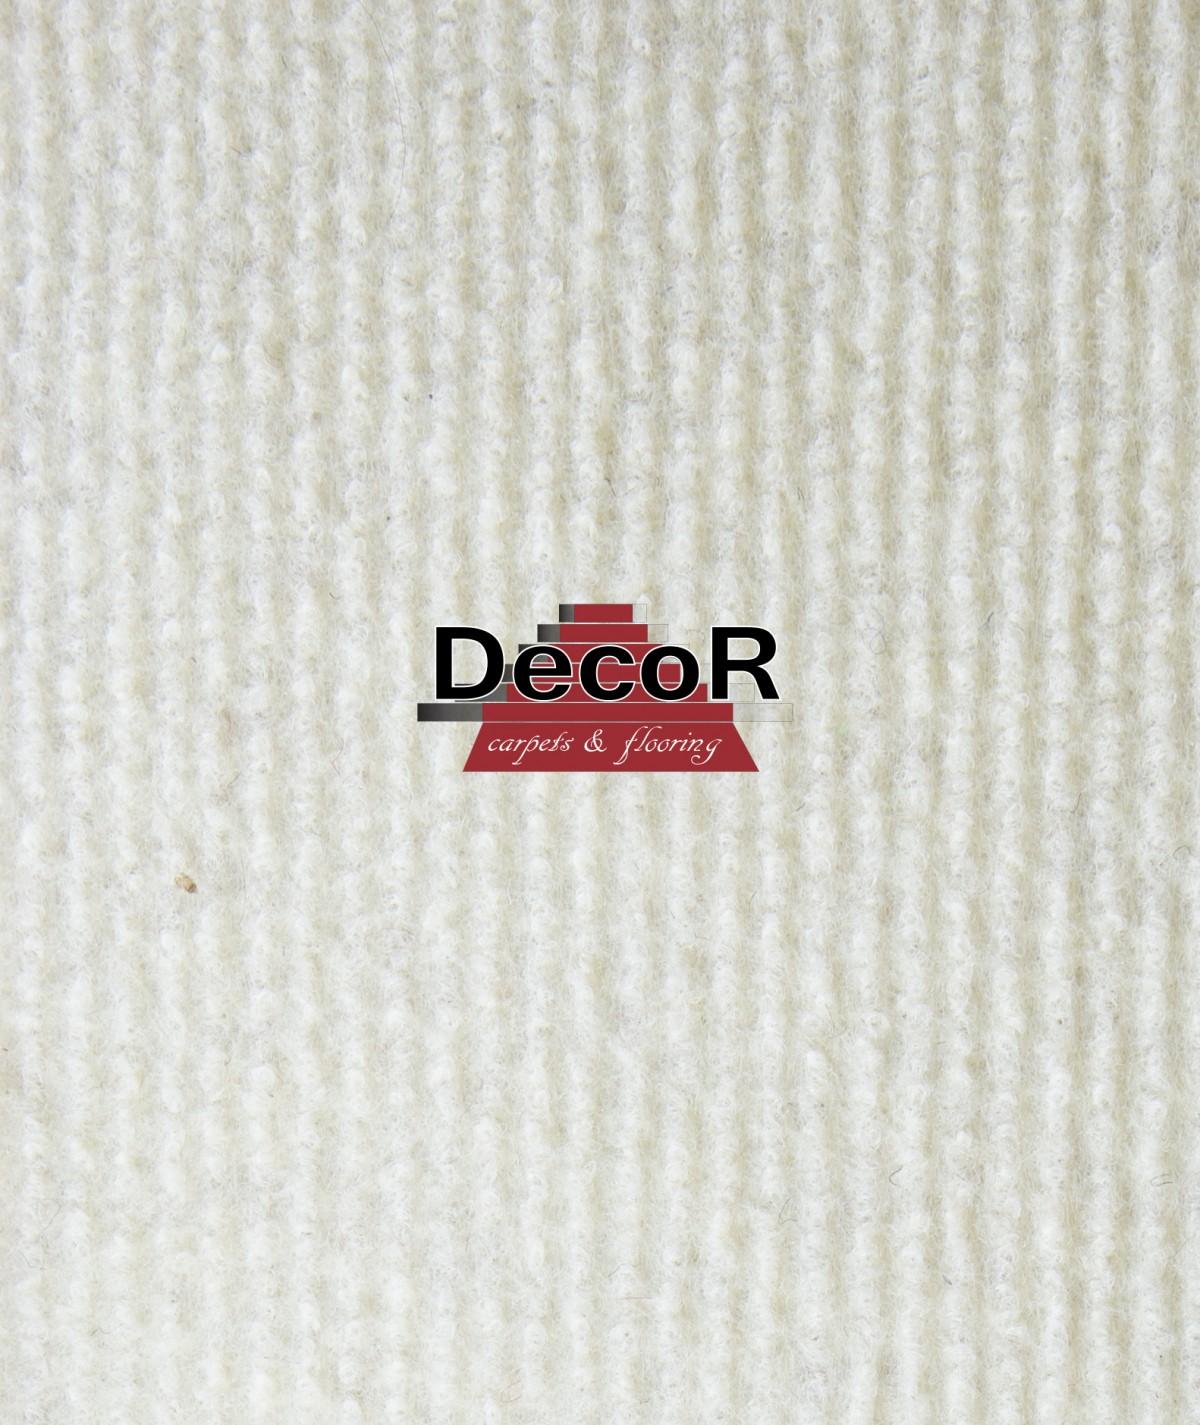 שטיח לבד בצבע שמנת